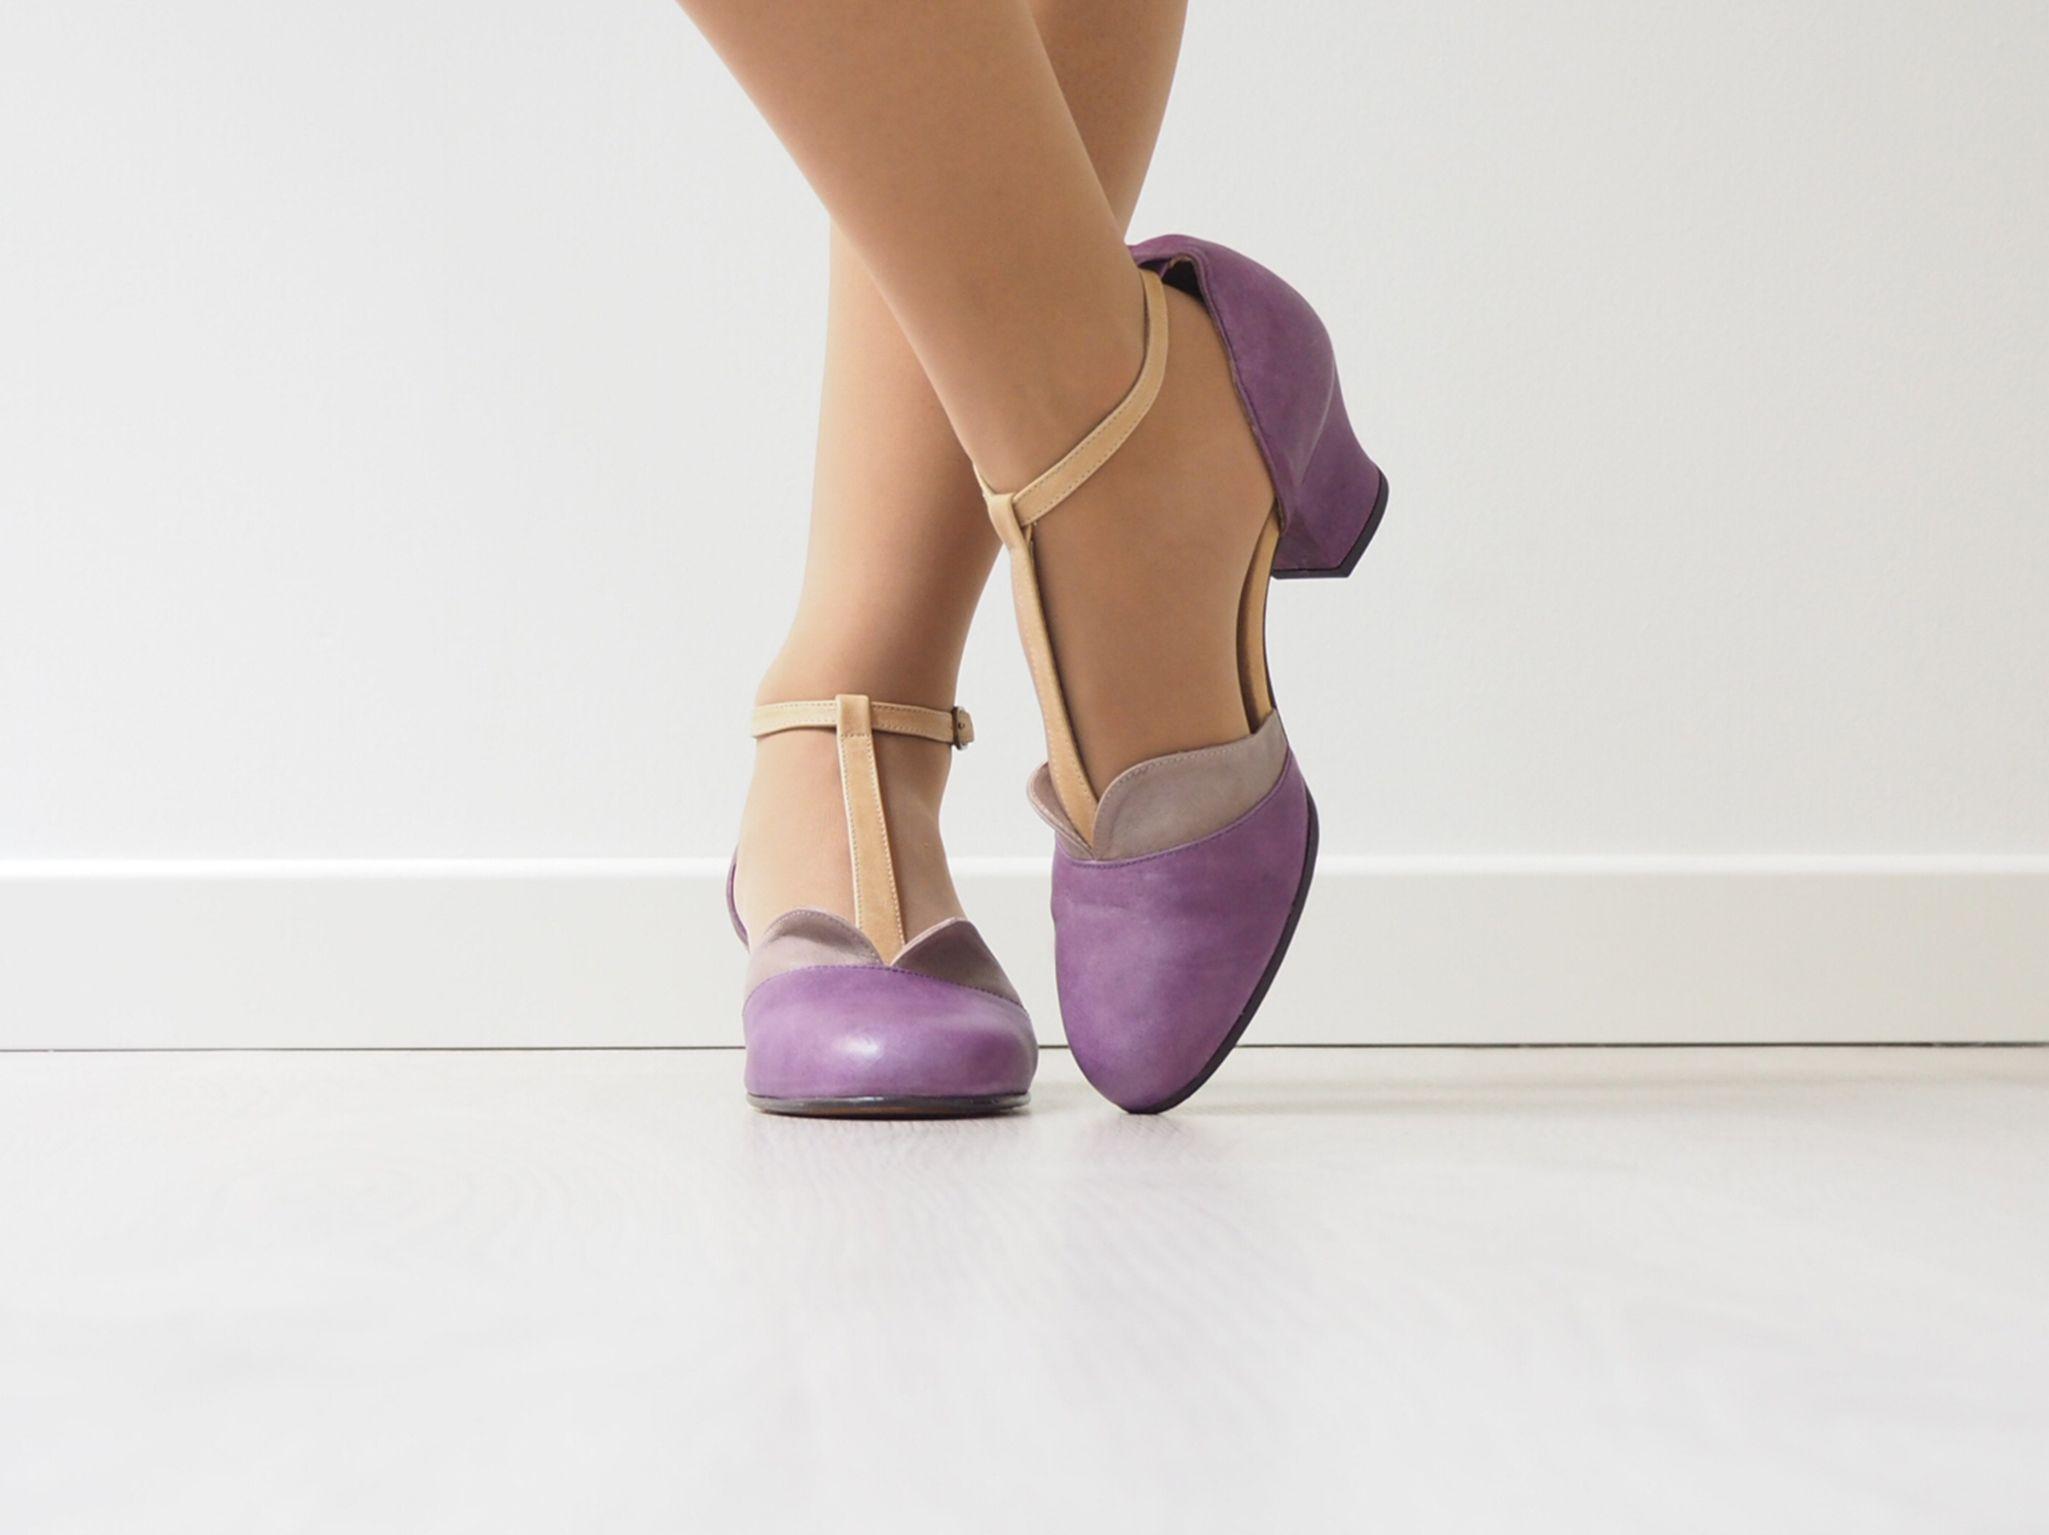 Lindy Hop Dance Shoes